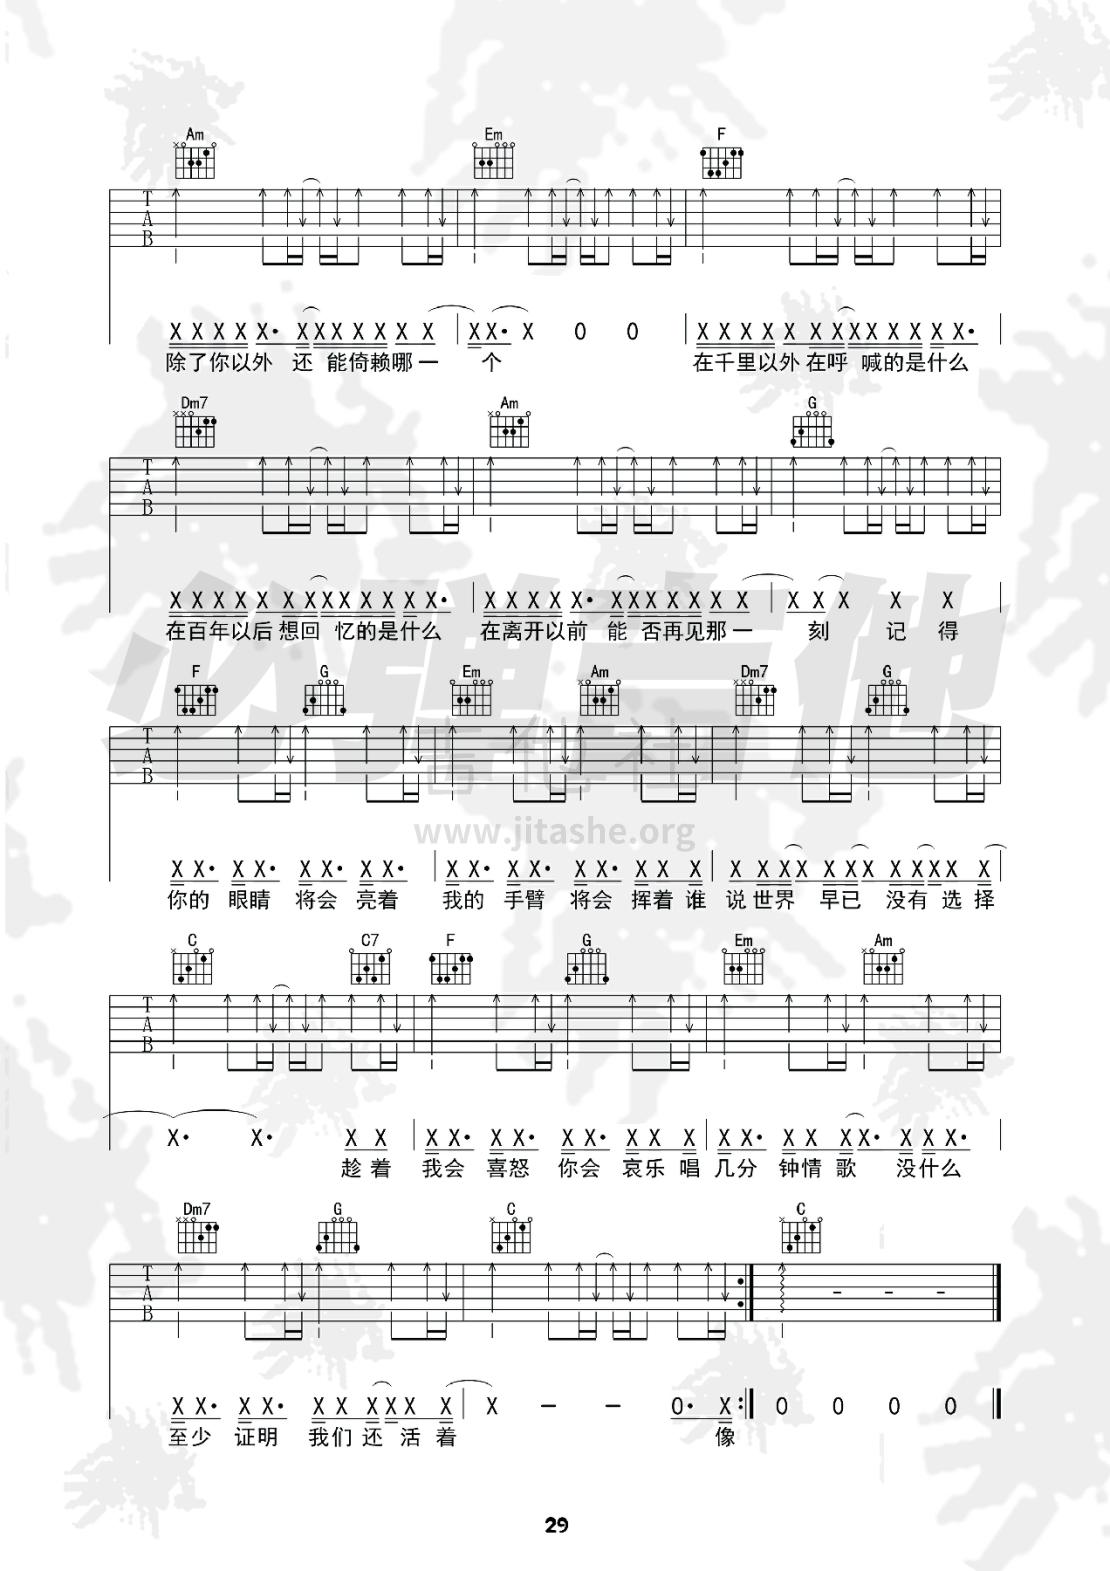 模特(必弹吉他)吉他谱(图片谱,伴奏,弹唱,扫弦)_李荣浩_kgnfrm7i0xcls9bu00g.png